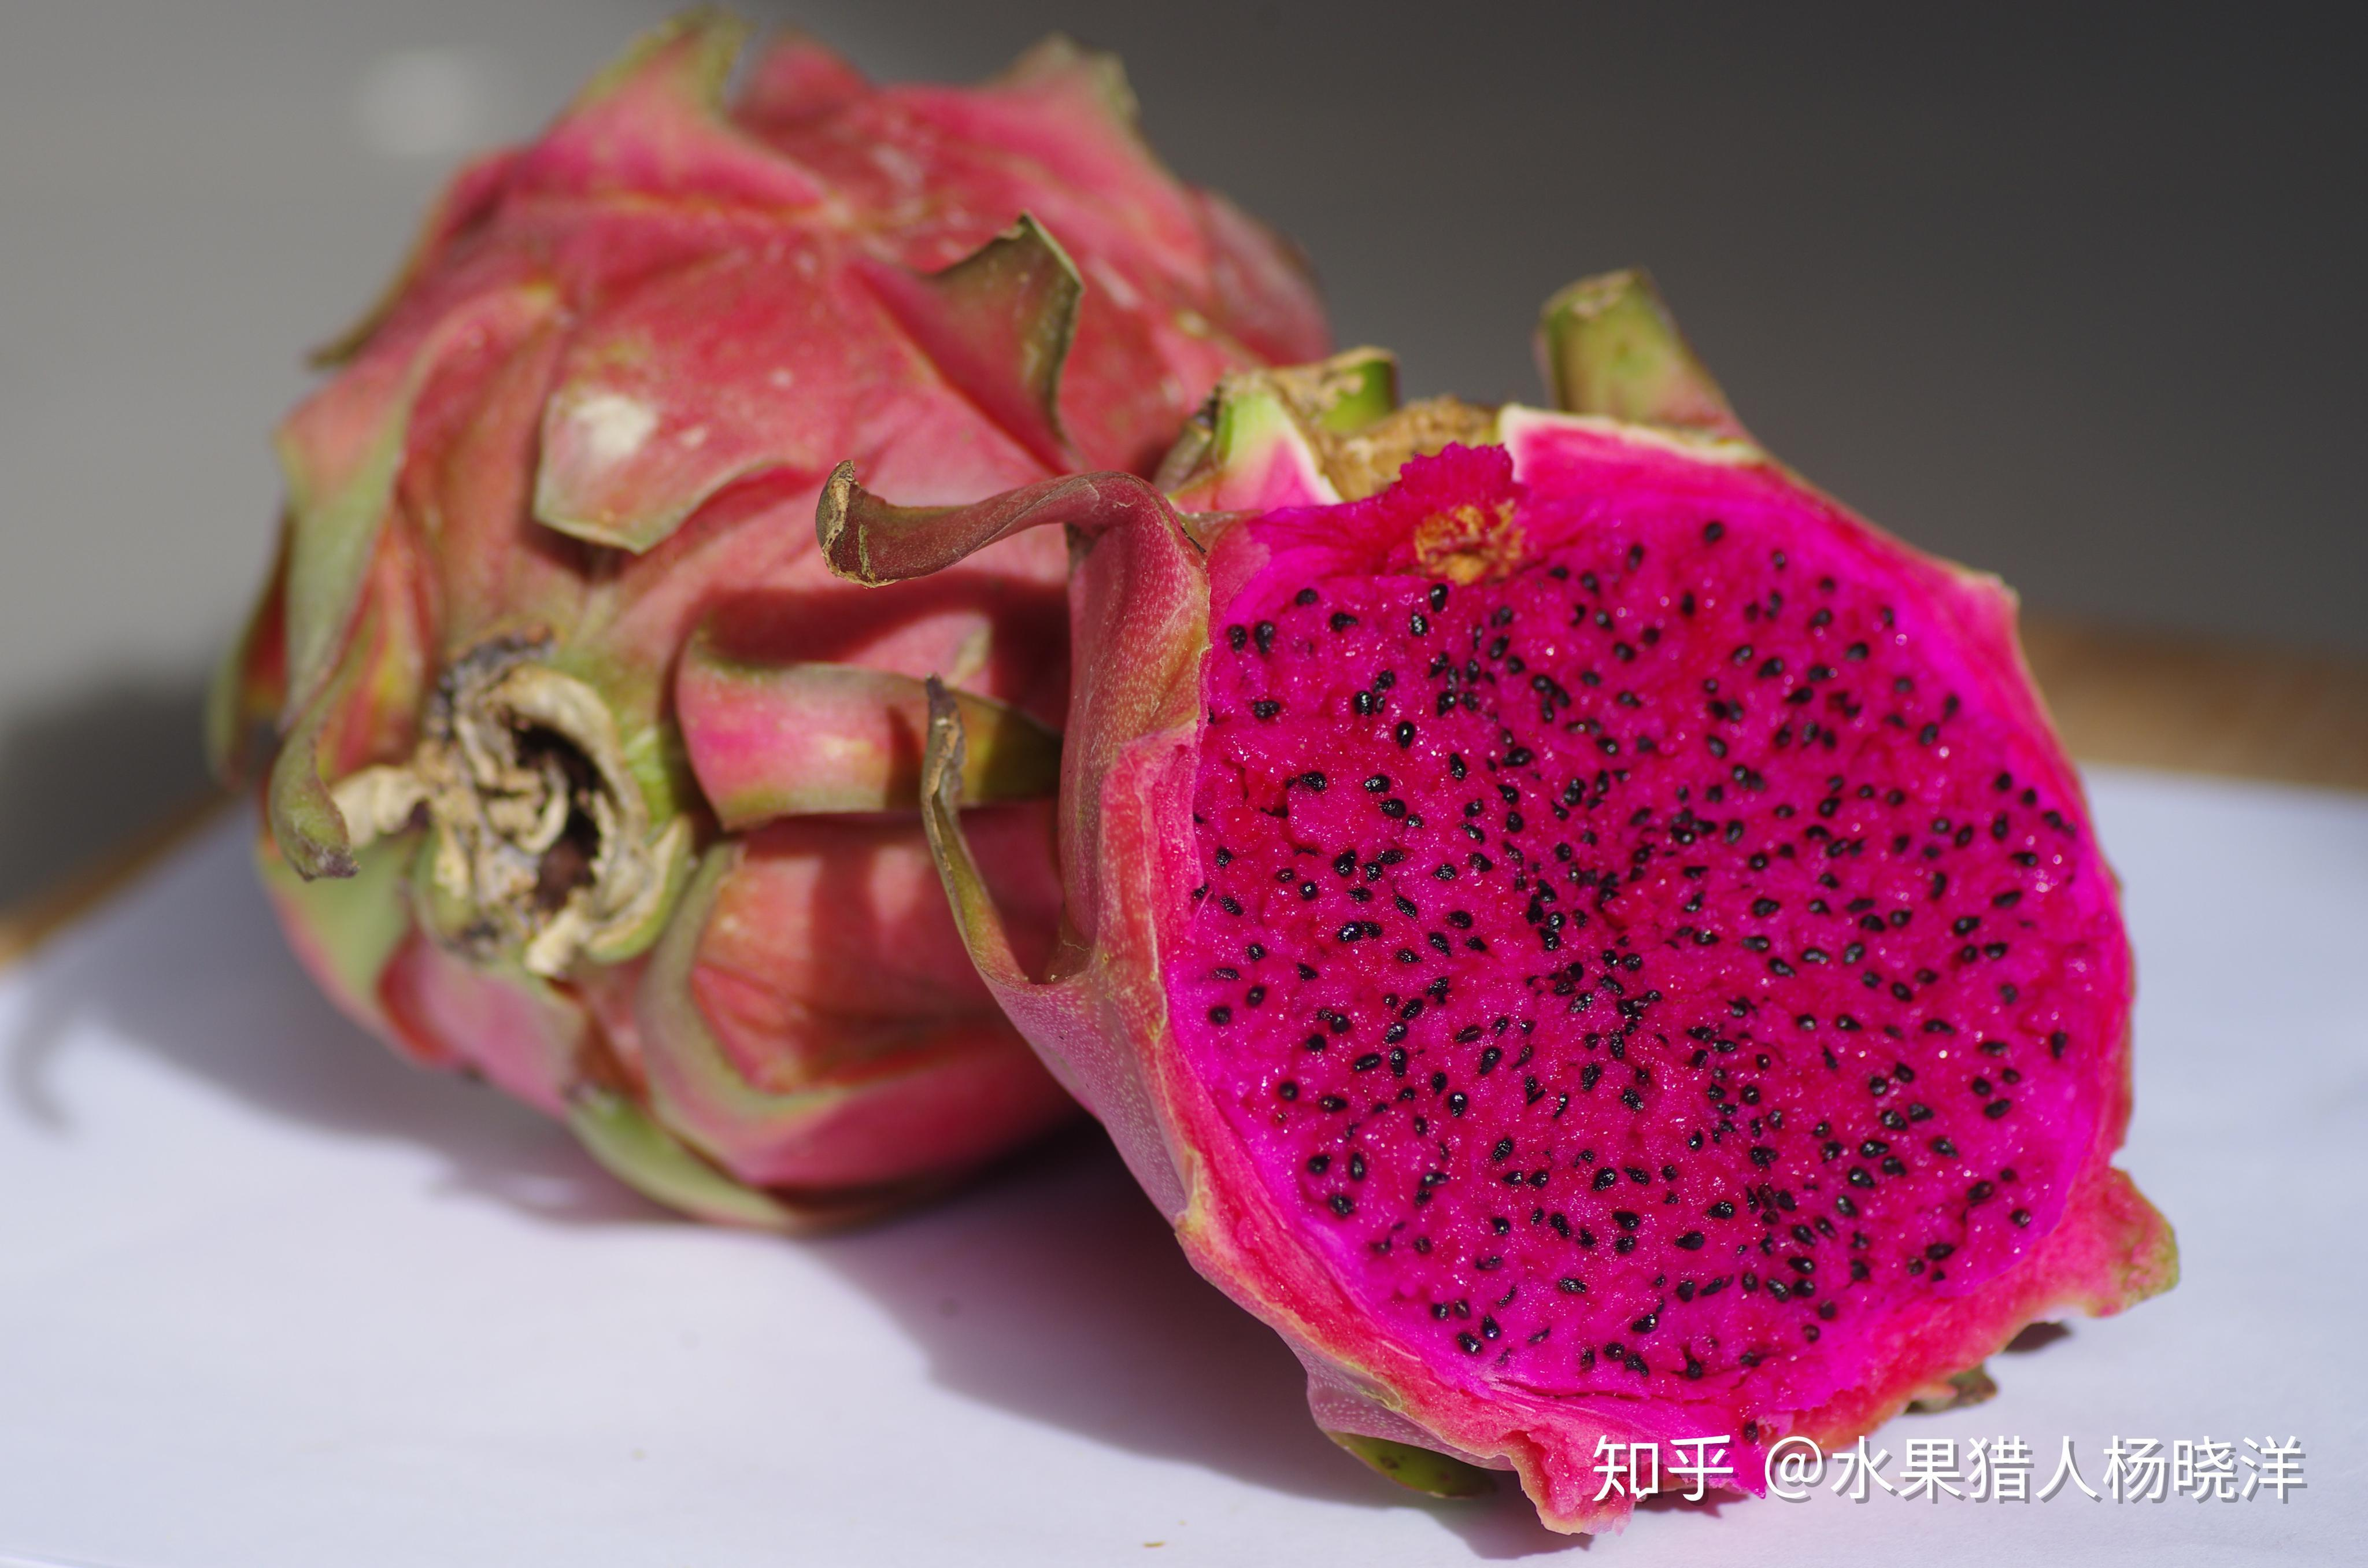 仙人掌果和火龙果_火龙果是仙人掌的果子吗? - 知乎